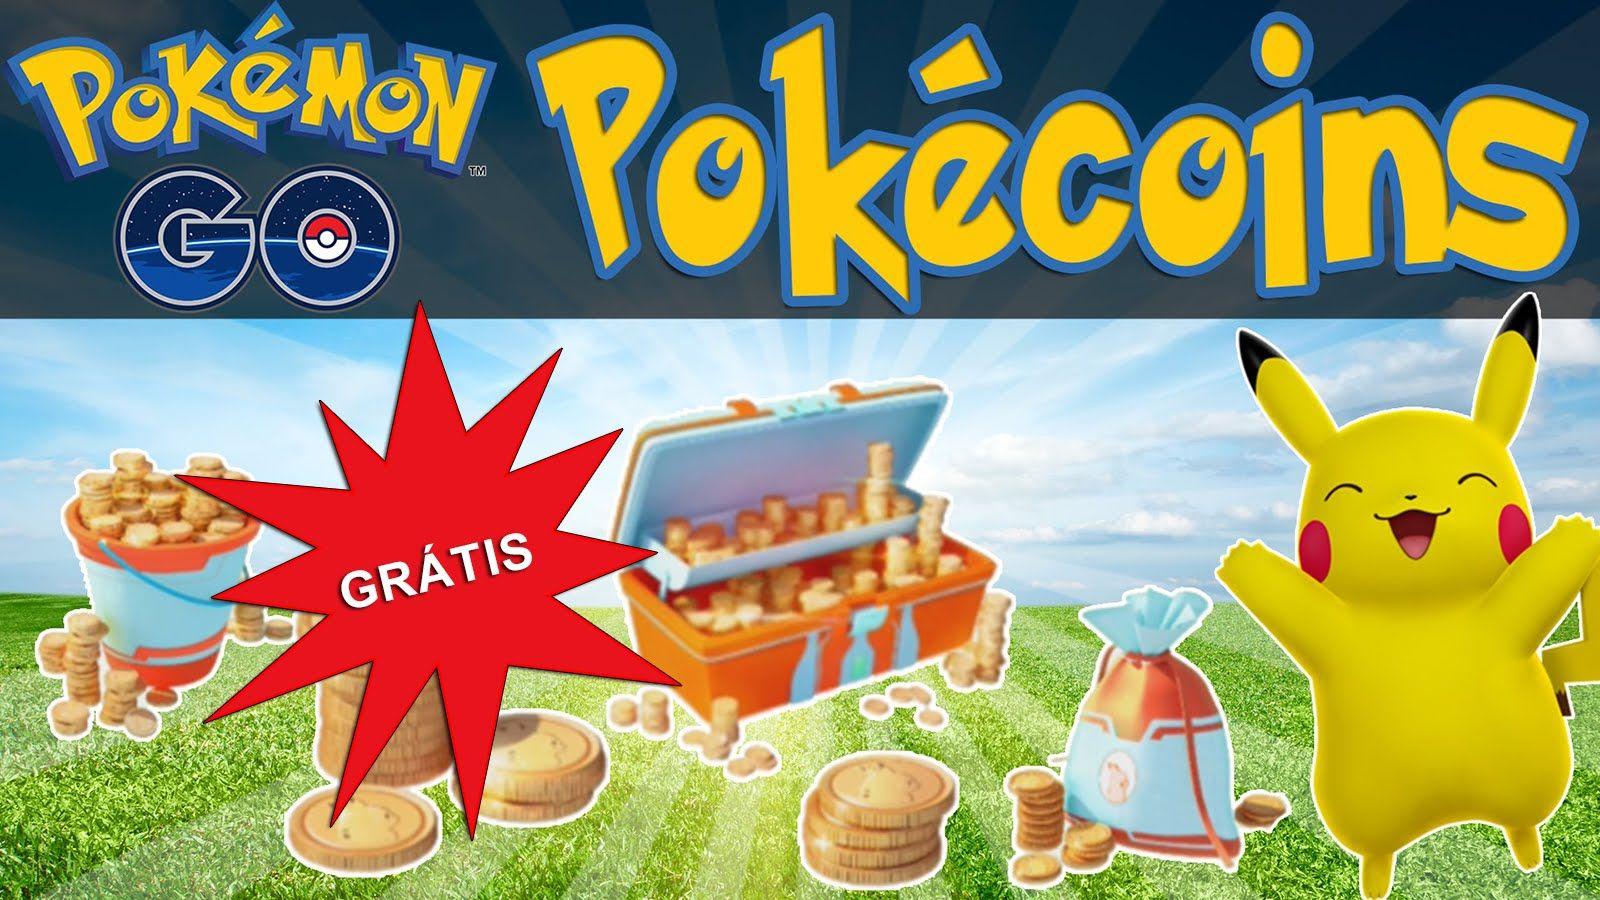 Pokemon Go Hack Cheats I Will Show You The Best Method Pokemon Go Hack Pokemon Go Get Free Pokecoins 2018 Pokemon Go P Pokemon Pokemon Go Pokemon Go Cheats